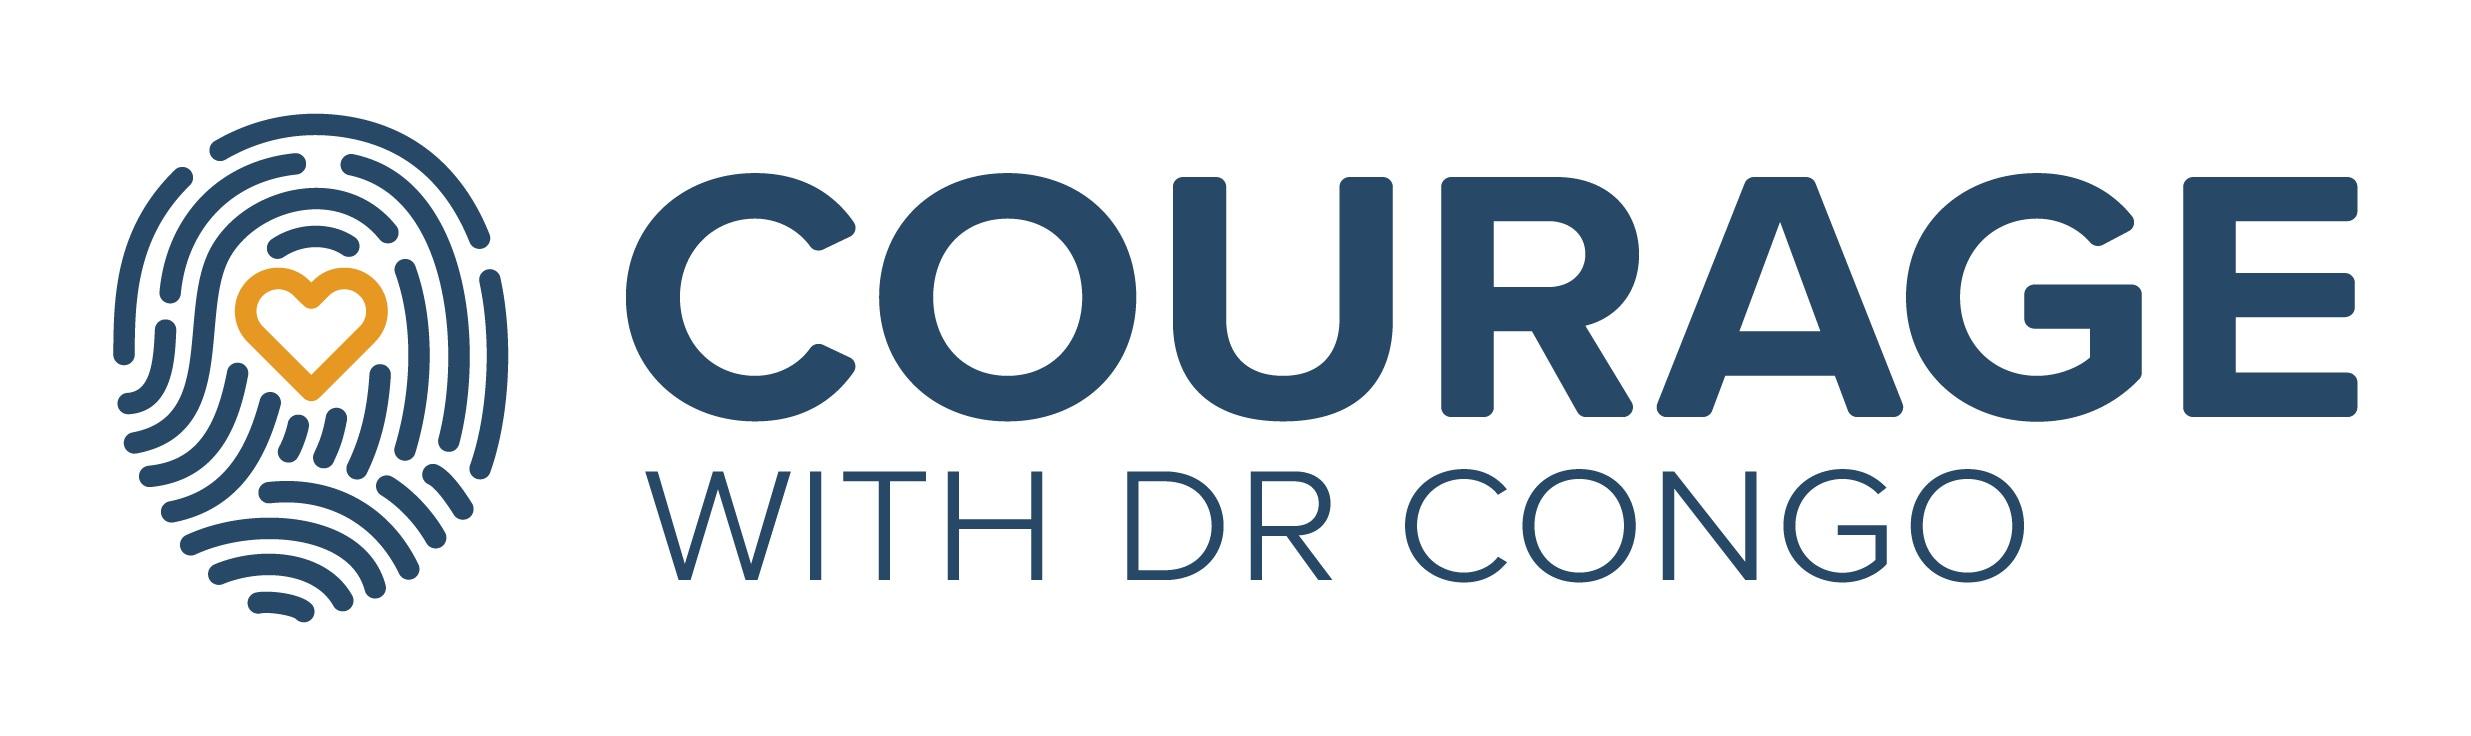 CourageCongo_logo-full-colour.jpg